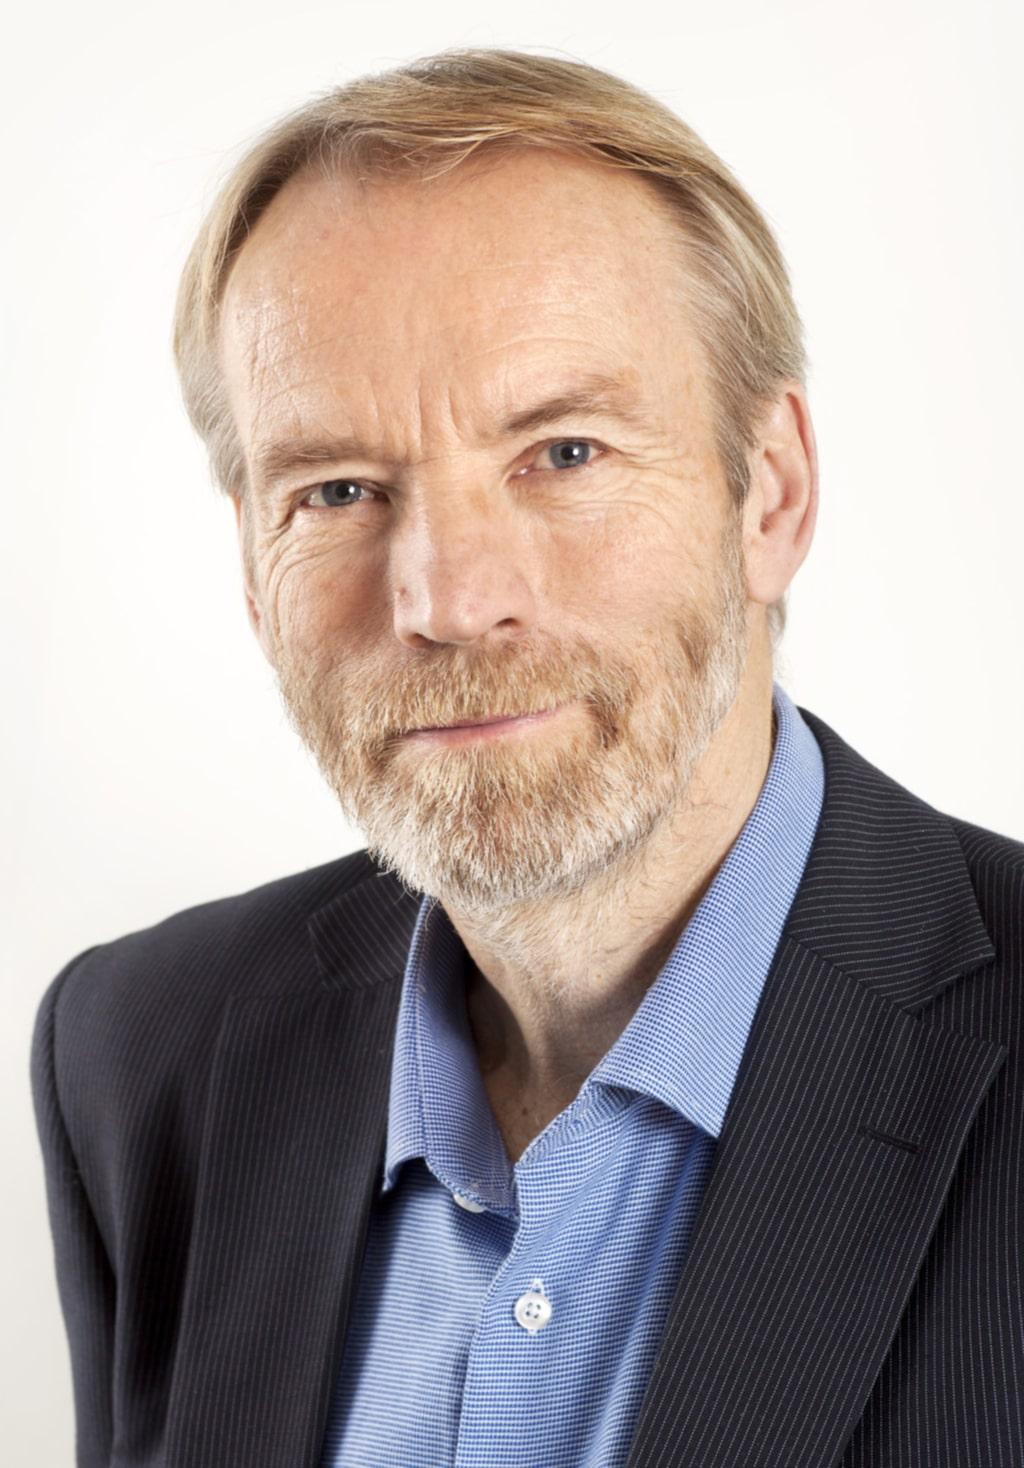 """""""Börja jämföra elbolagens priser i god tid innan du tänkt byta. Det kan nämligen ta lite tid och det glömmer man ofta"""", säger Bo Hesselgren, vd på Konsumenternas energimarknadsbyrå."""